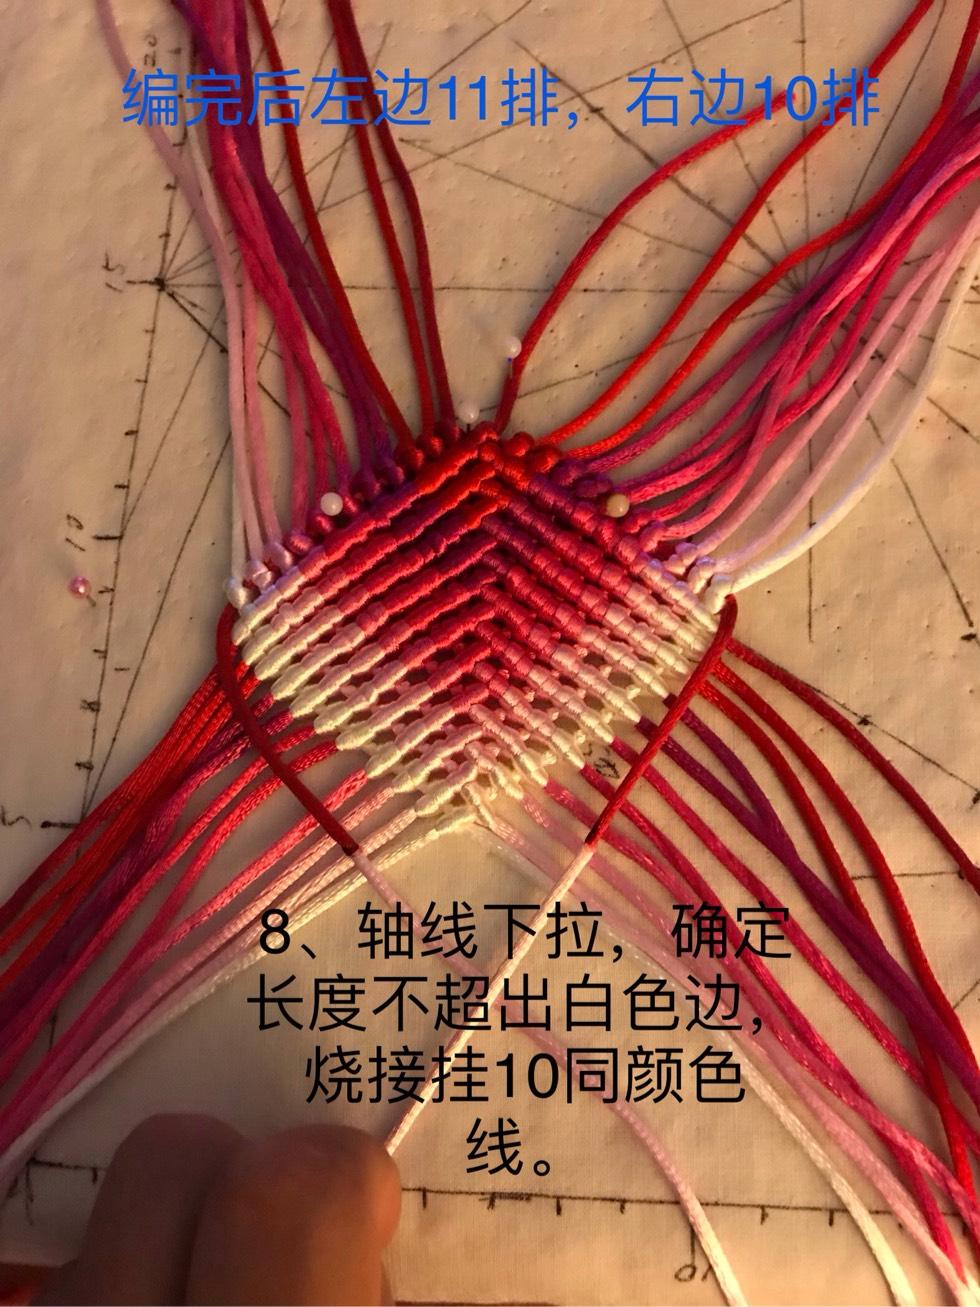 中国结论坛 彩色寿桃过程记录  图文教程区 195053yxx1kt88mu9ldx05